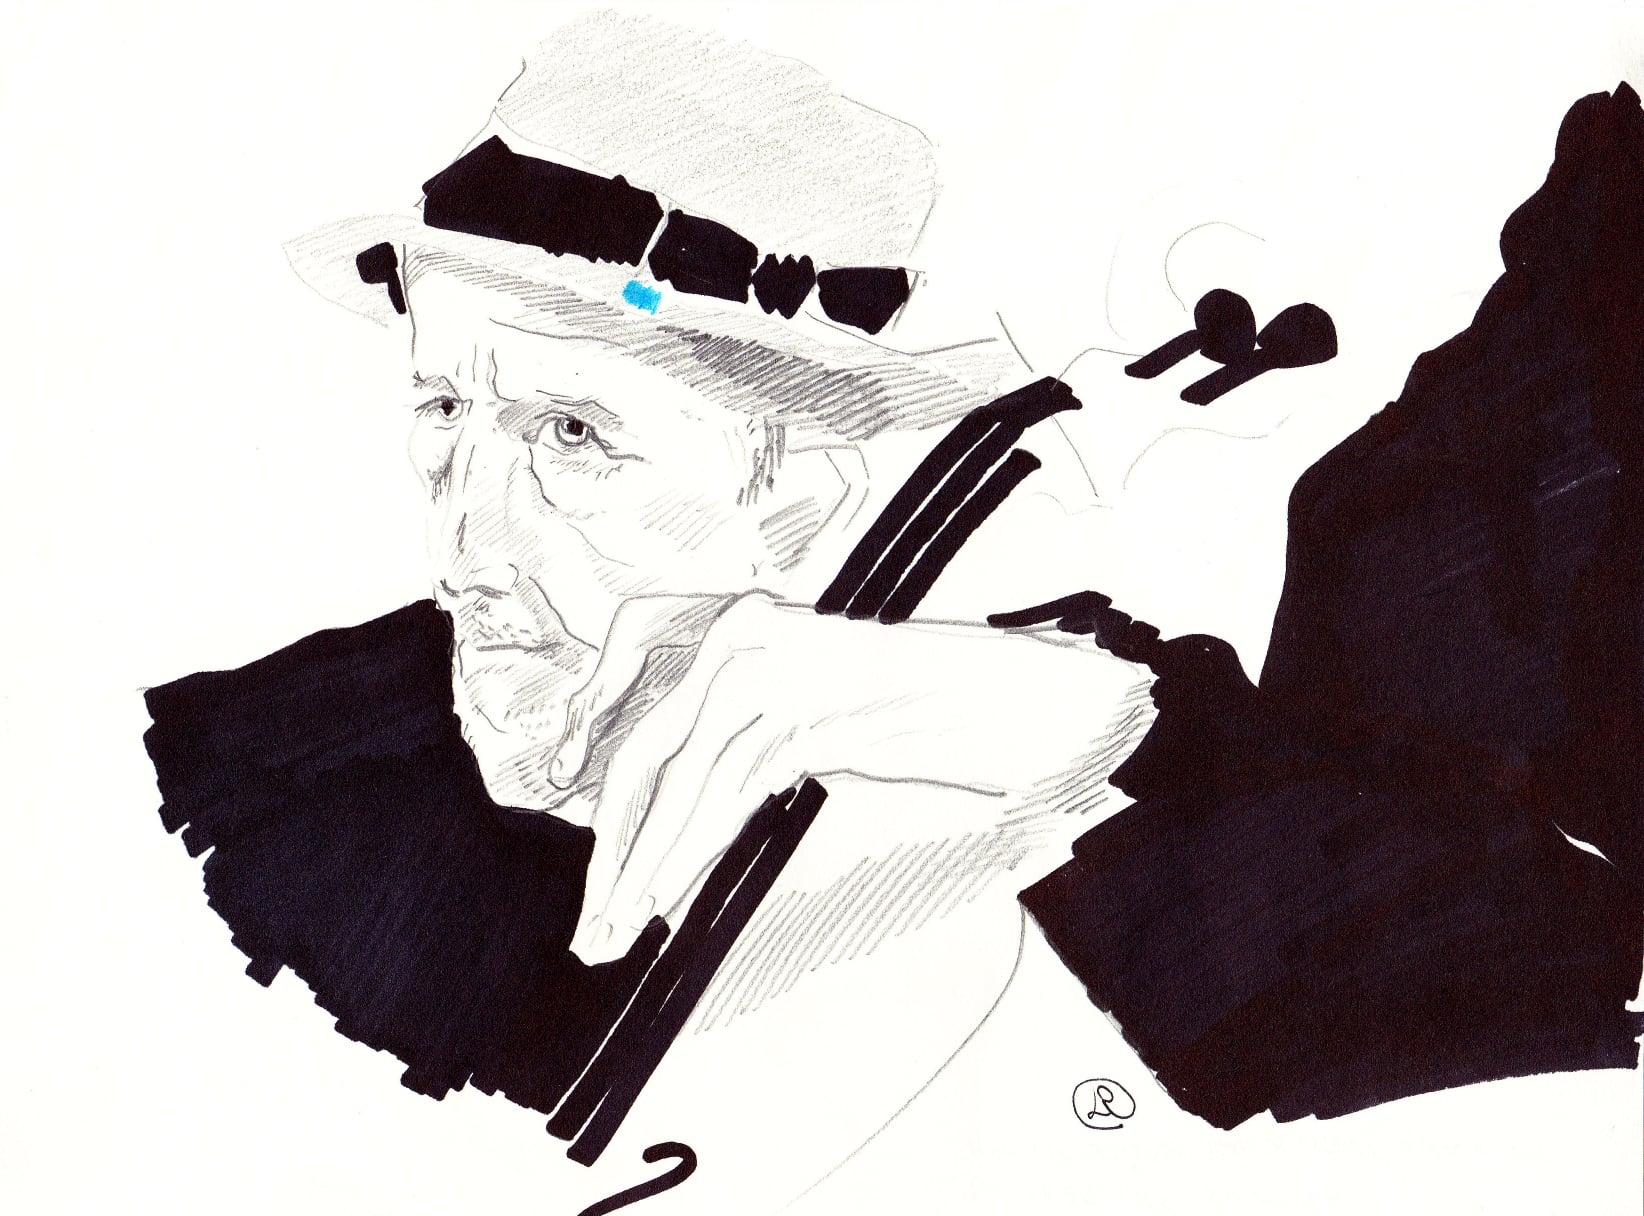 #lindarandazzo Tristan Honsinger realizzato durante un concerto organizzato da Curva Minore - contem